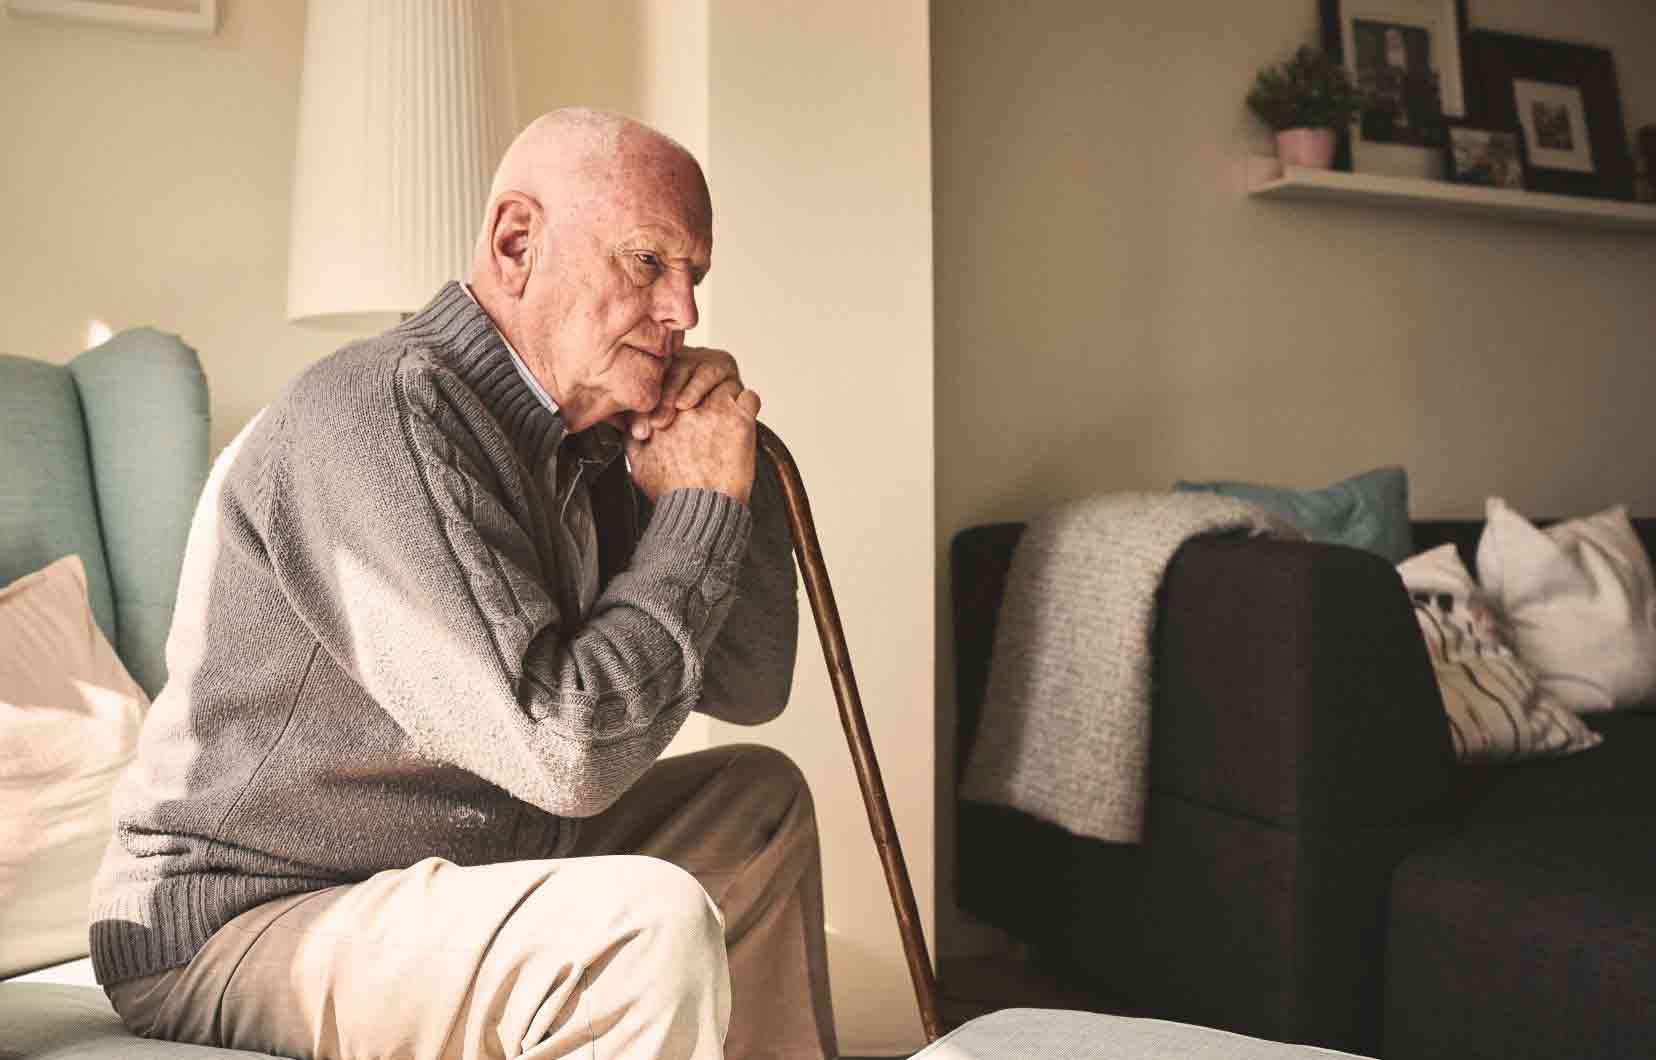 چه سرگرمیهایی برای سالمندان مفید است؟